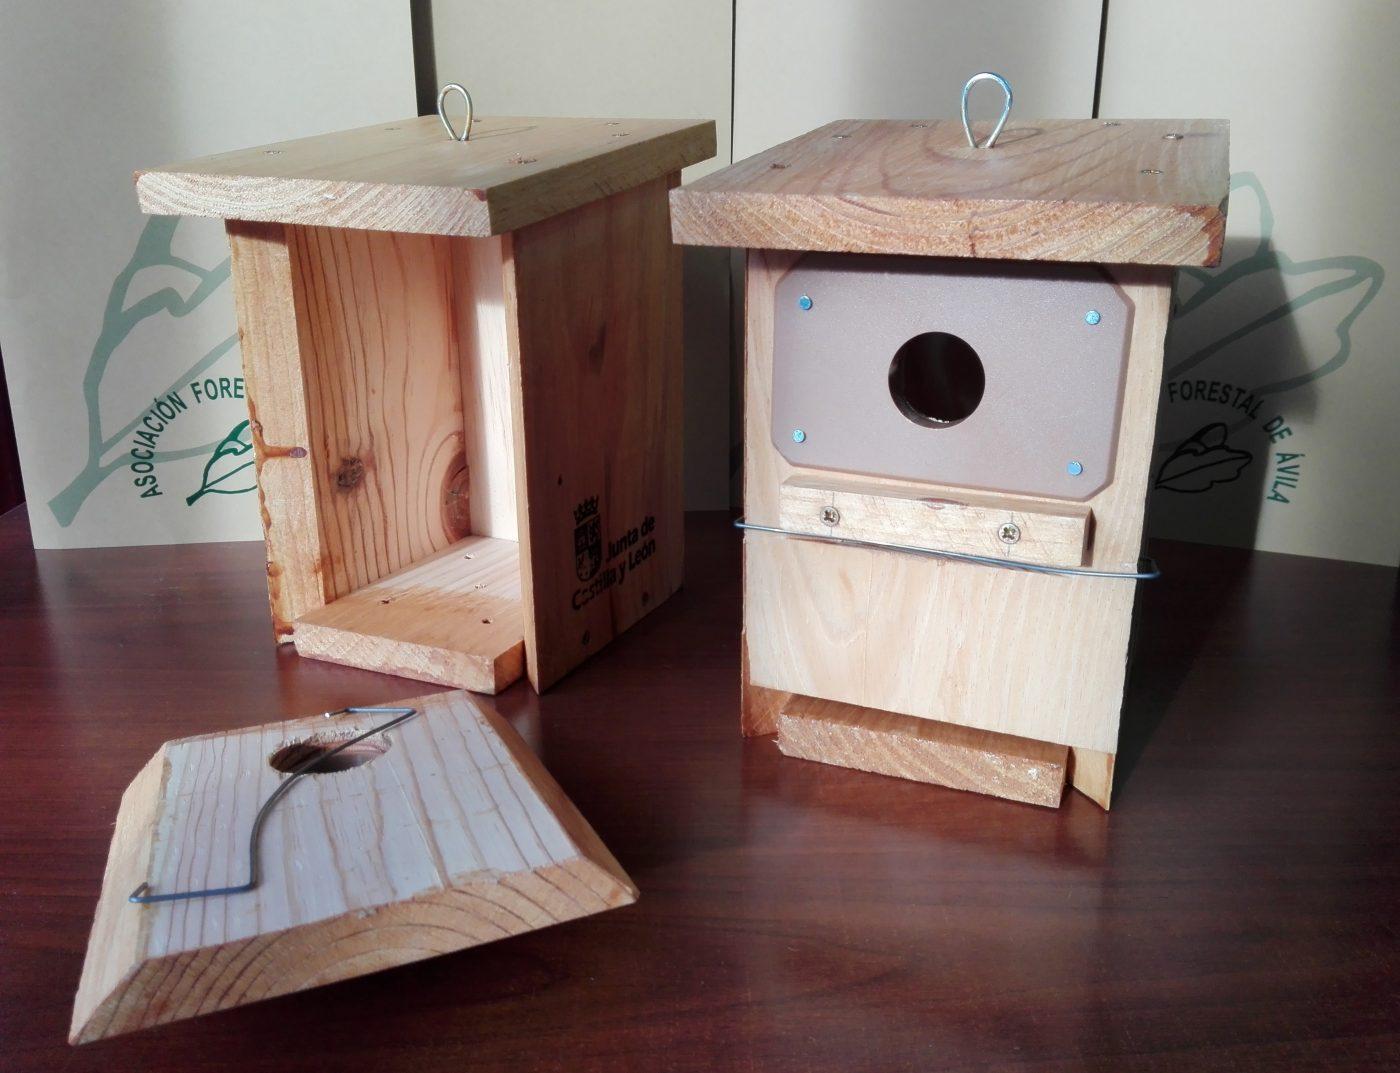 Reparto de Cajas-Nido para aves insectívoras entre propietarios forestales particulares